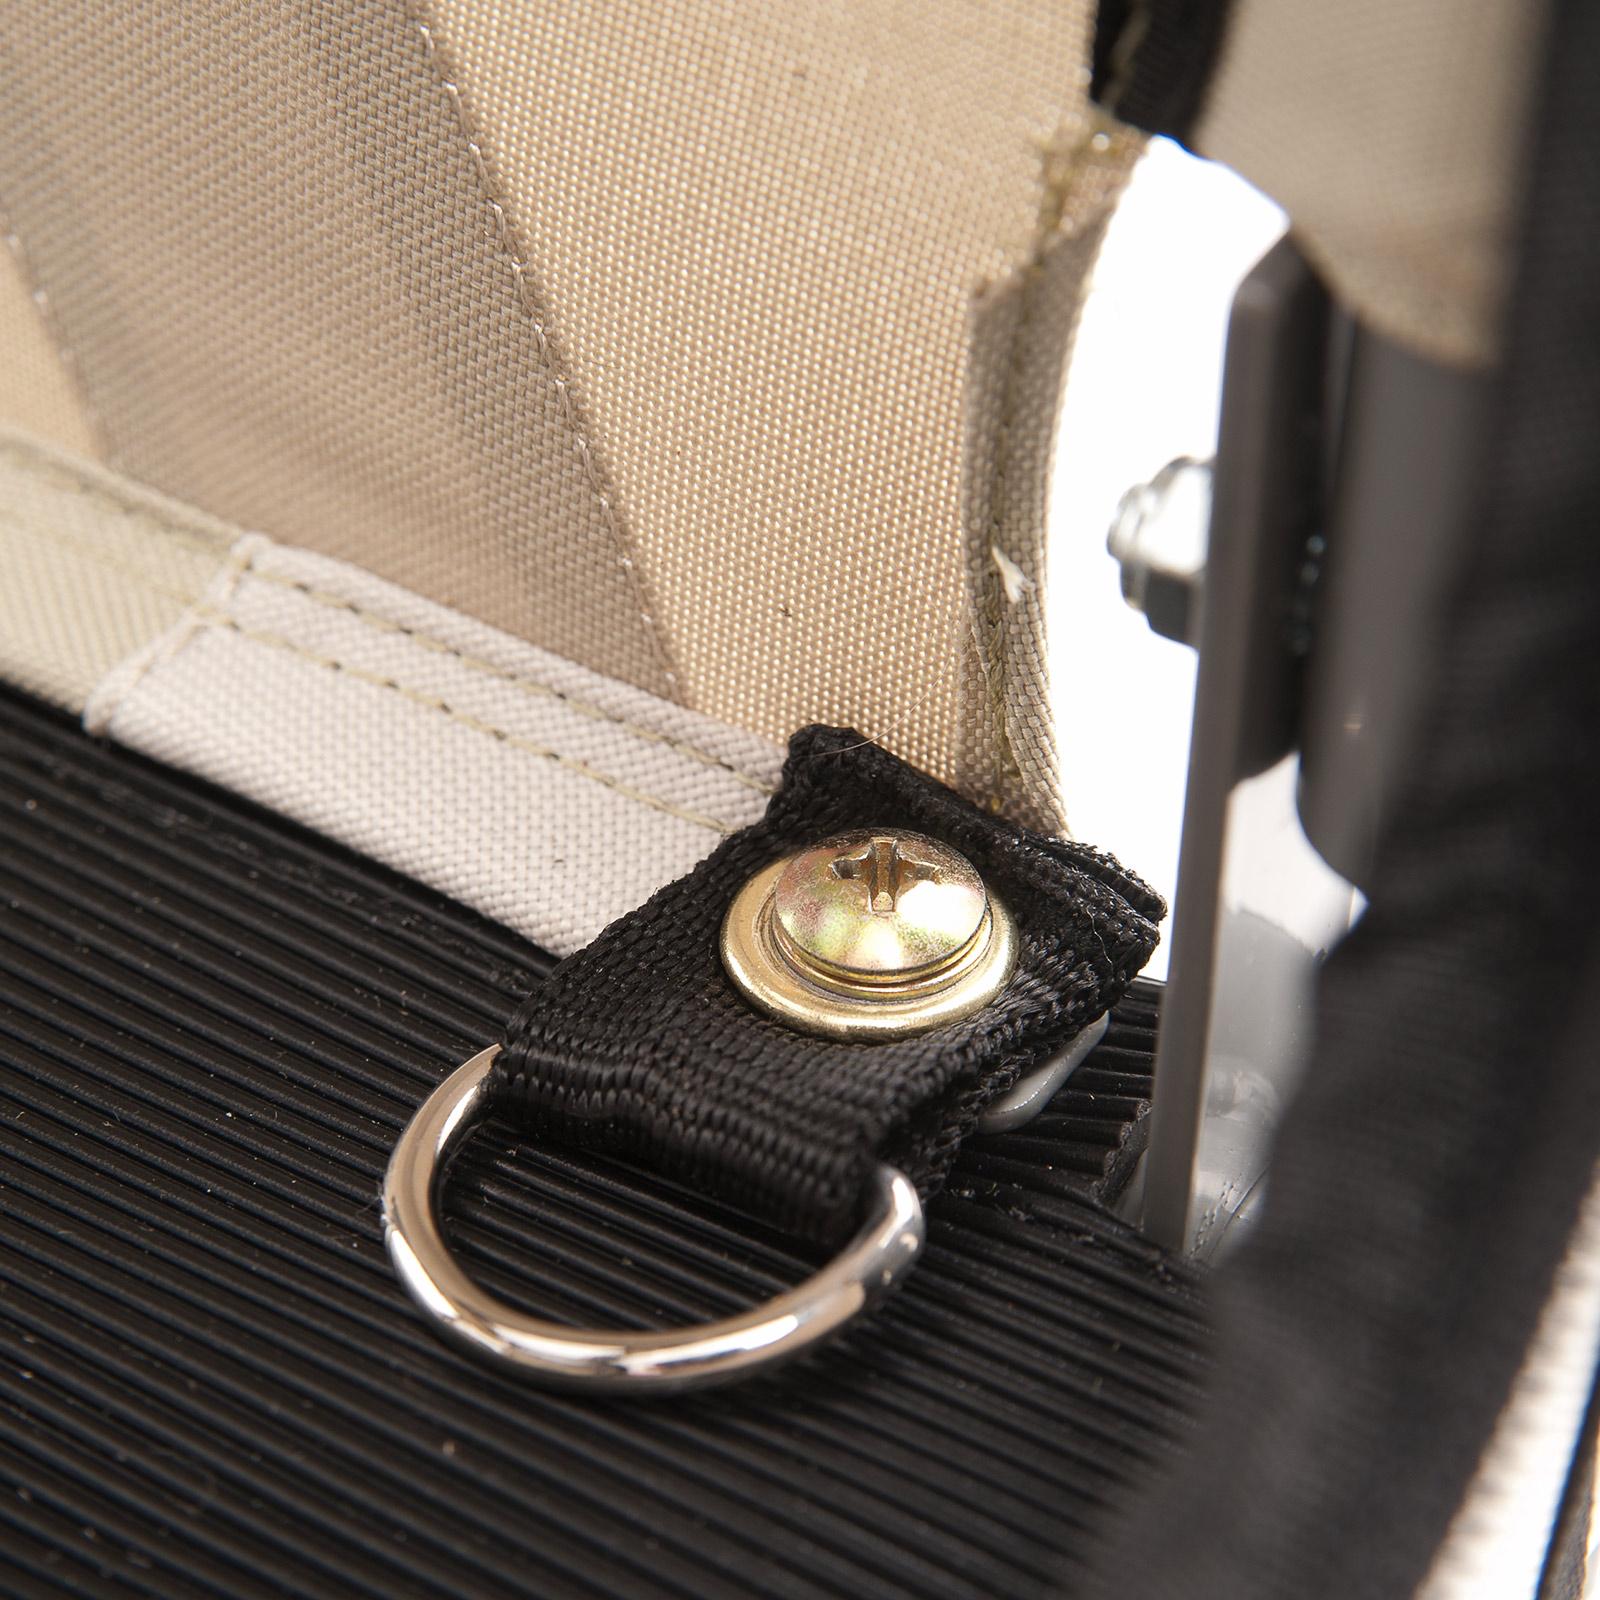 hundefahrradanh nger blue bird mini hundeanh nger. Black Bedroom Furniture Sets. Home Design Ideas